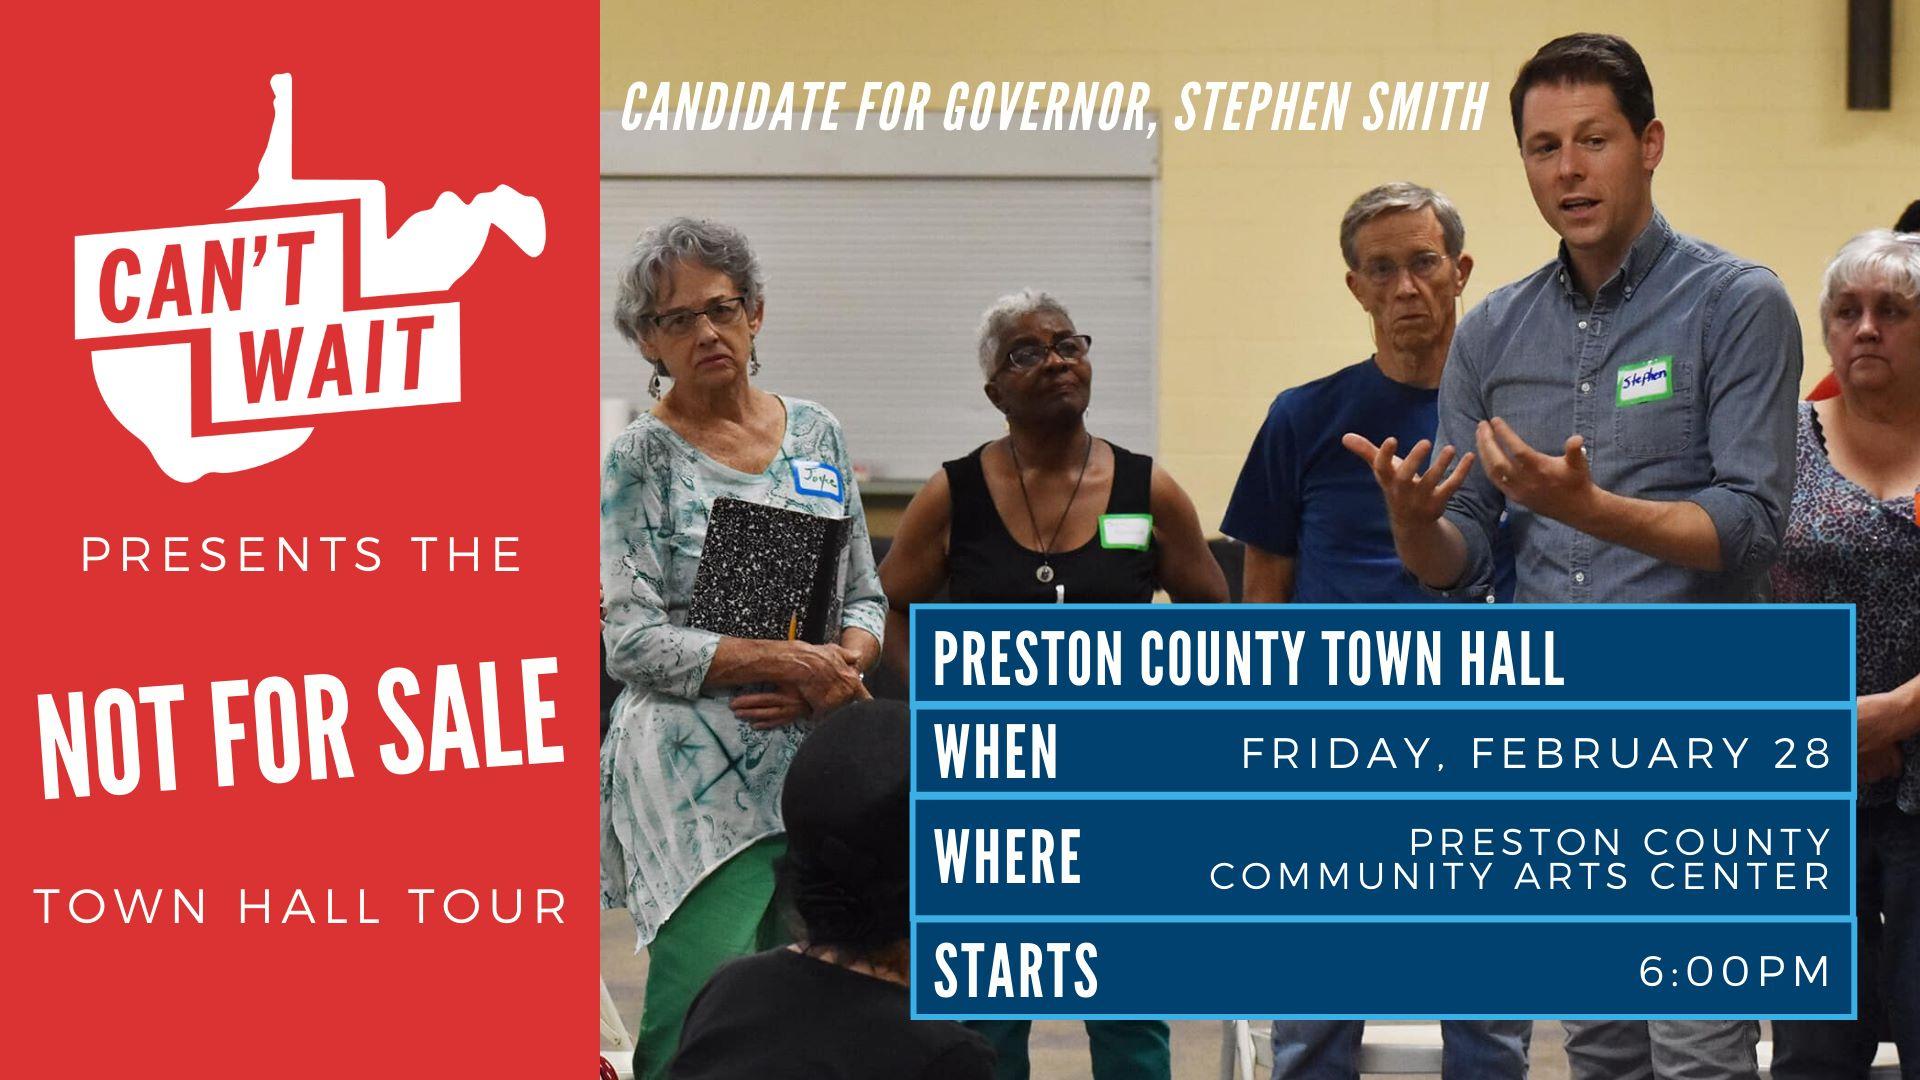 Preston County Town Hall graphic